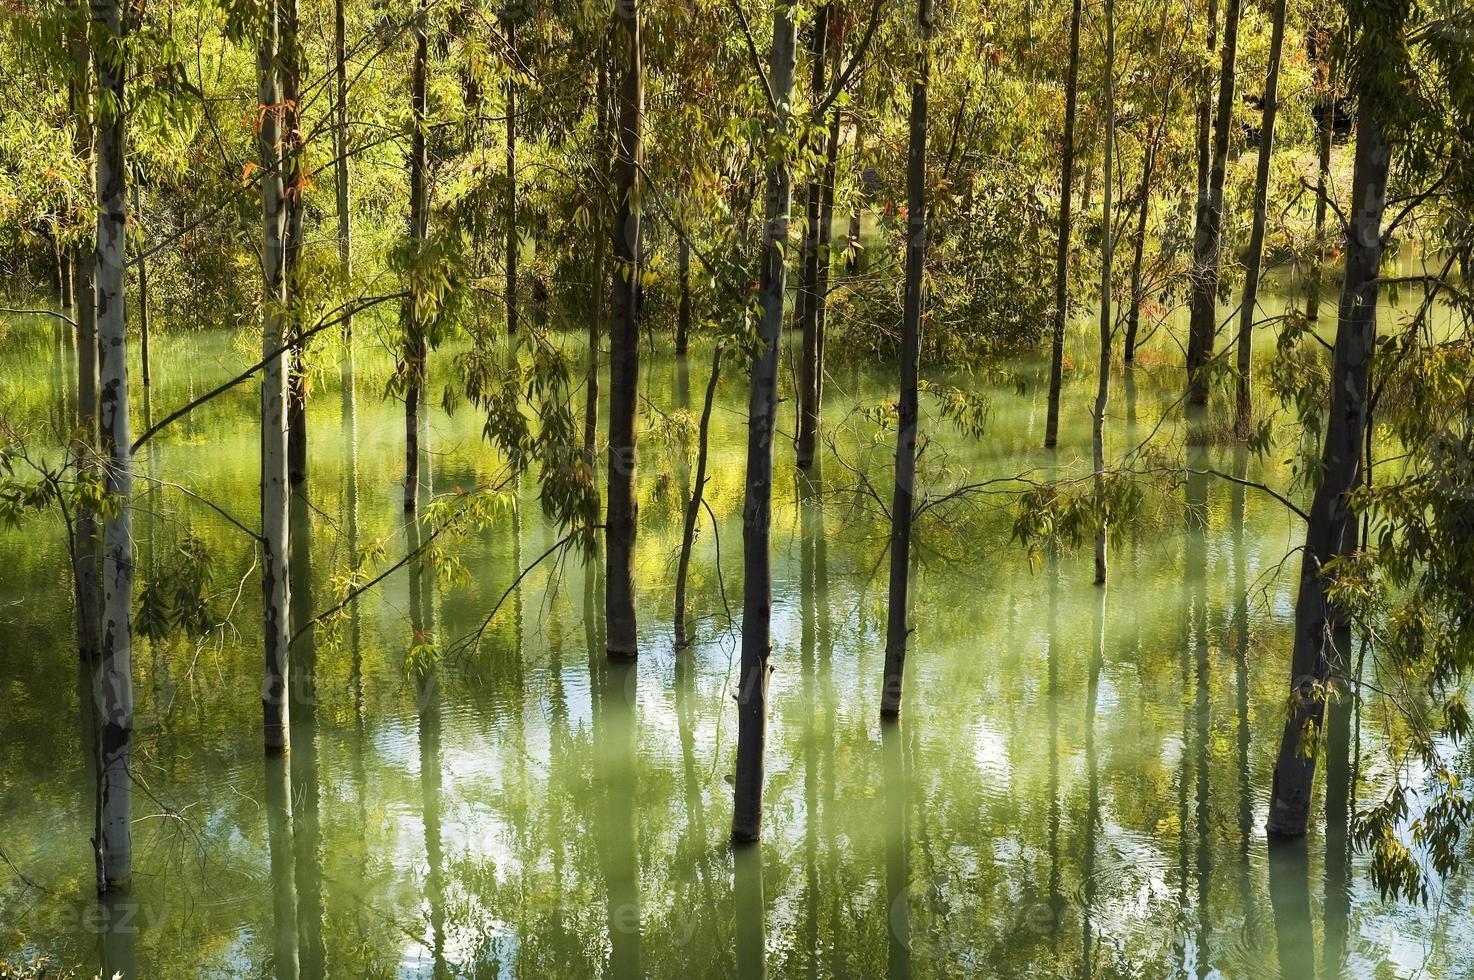 Überschwemmungen, Bäume im Wasser des Stausees See Zahara, Andalusien, Spanien foto